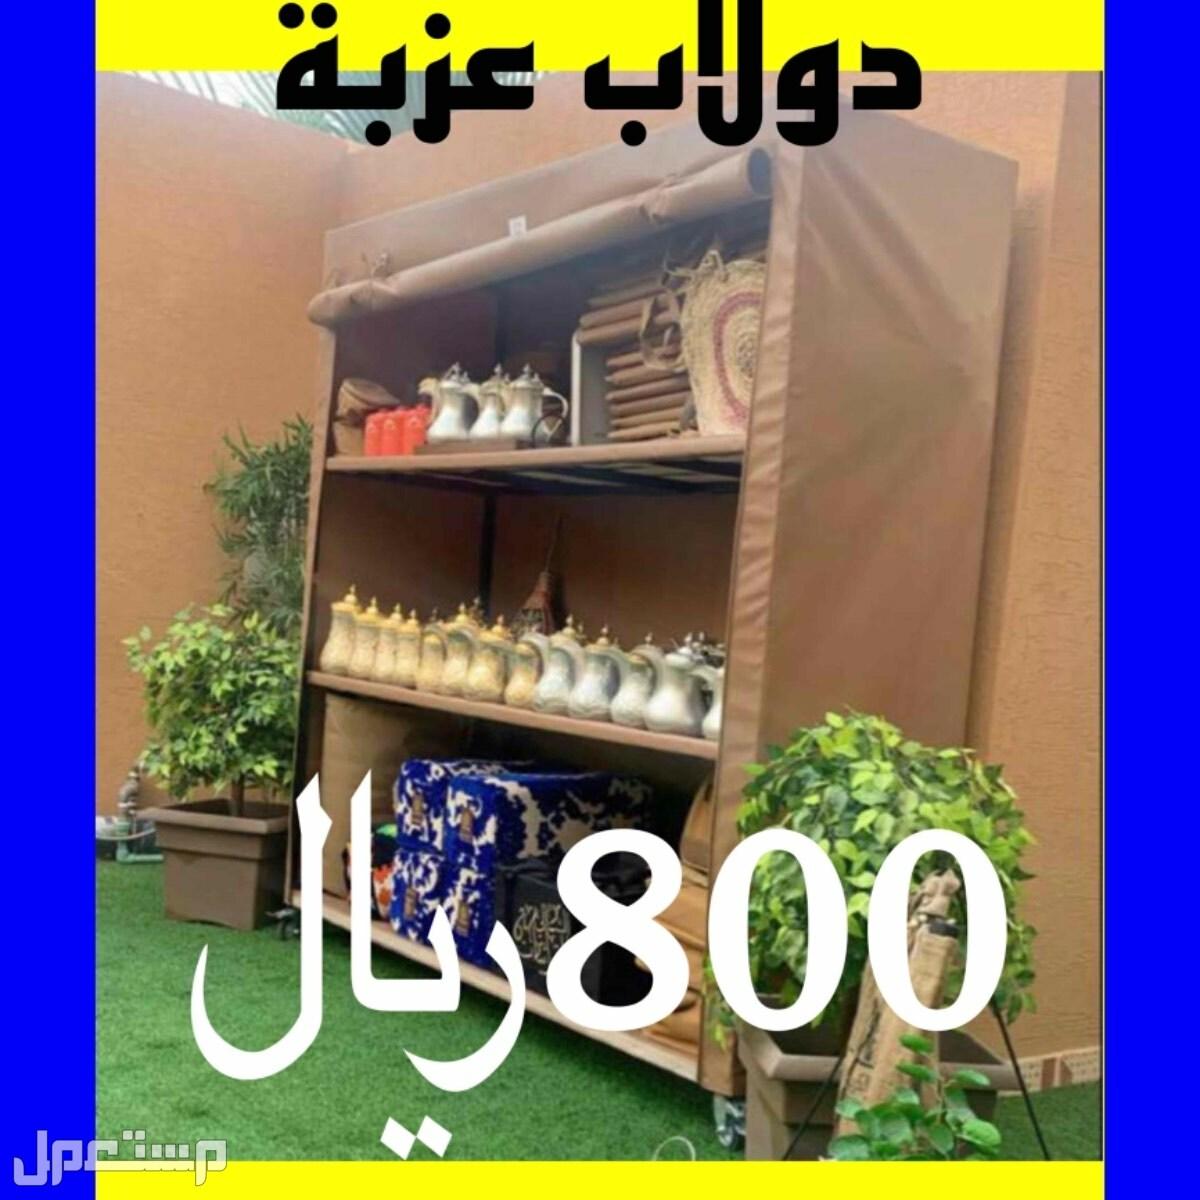 دولاب عزبة ابو عزبة الحوش مستدوع متنقل دولاب تخزين